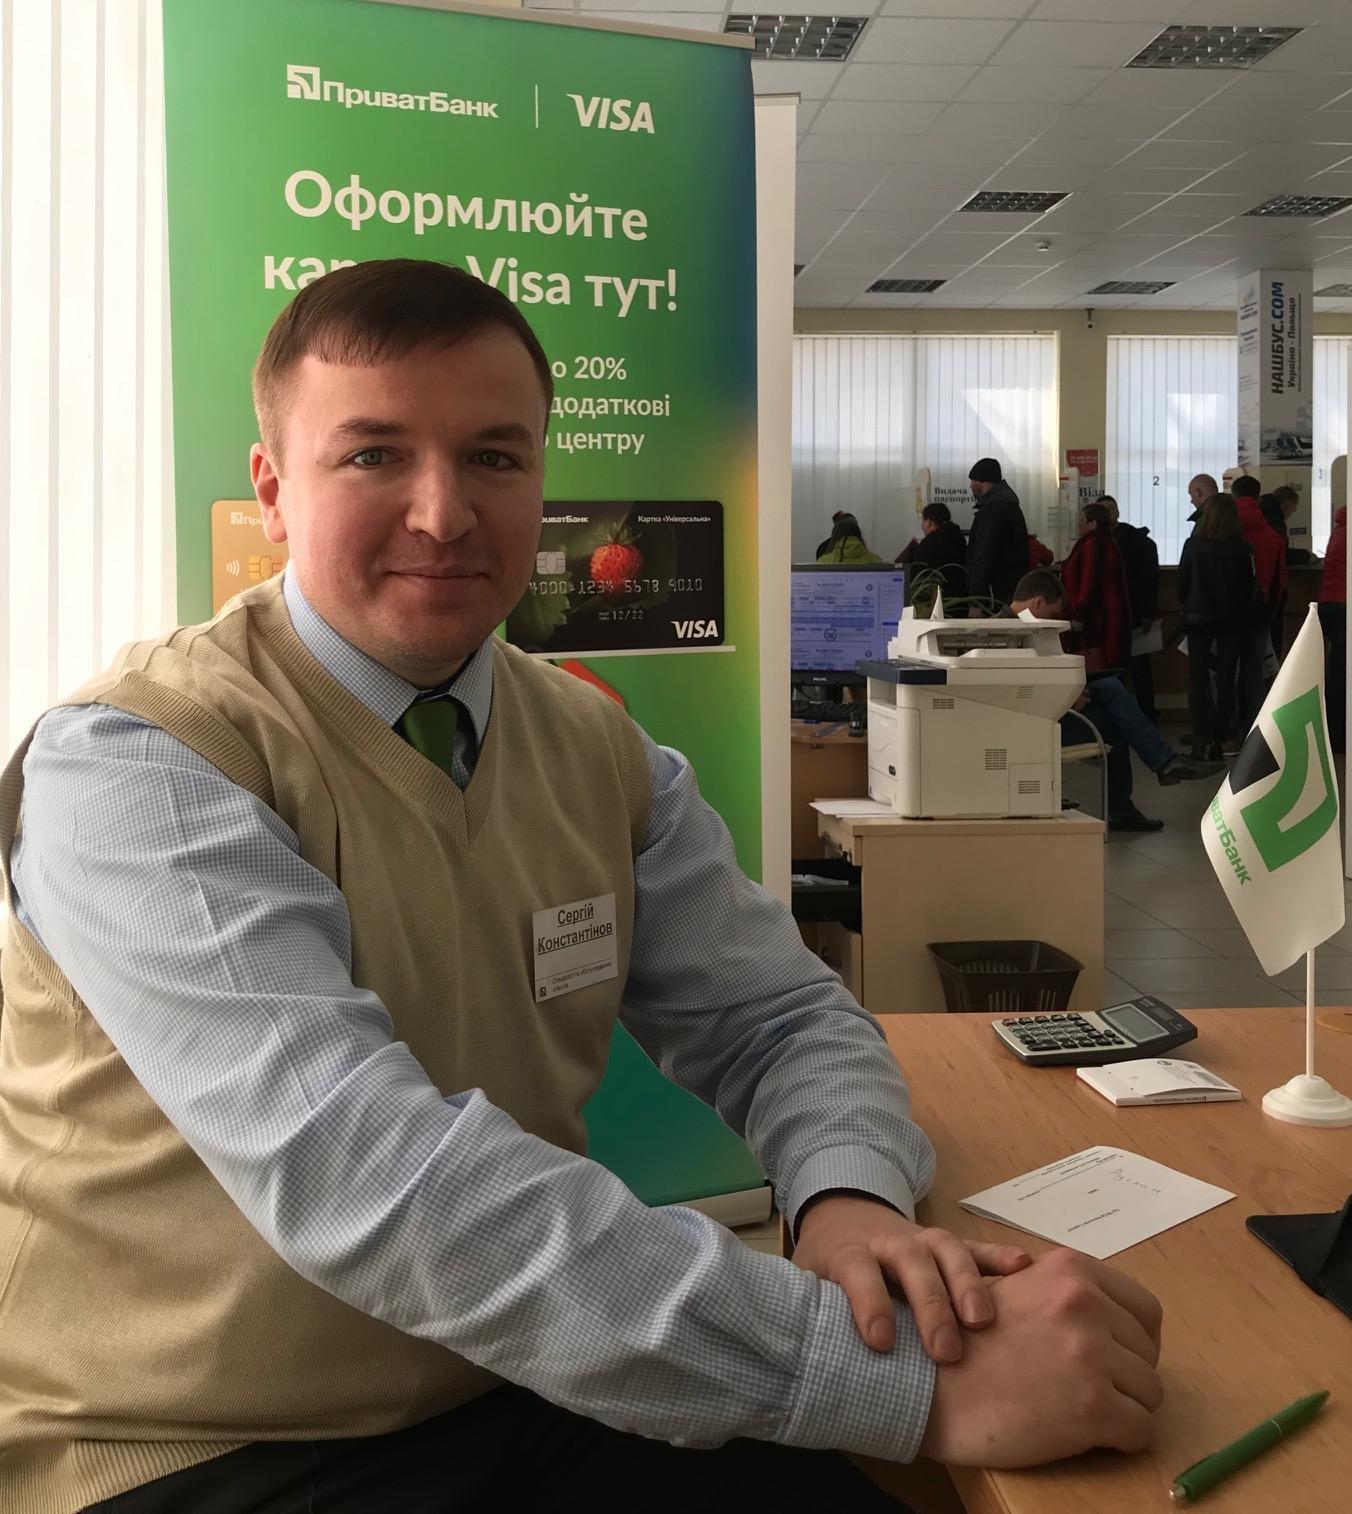 У візовому центрі Хмельницького можна отримати послуги з 20% кешбеком, фото-2